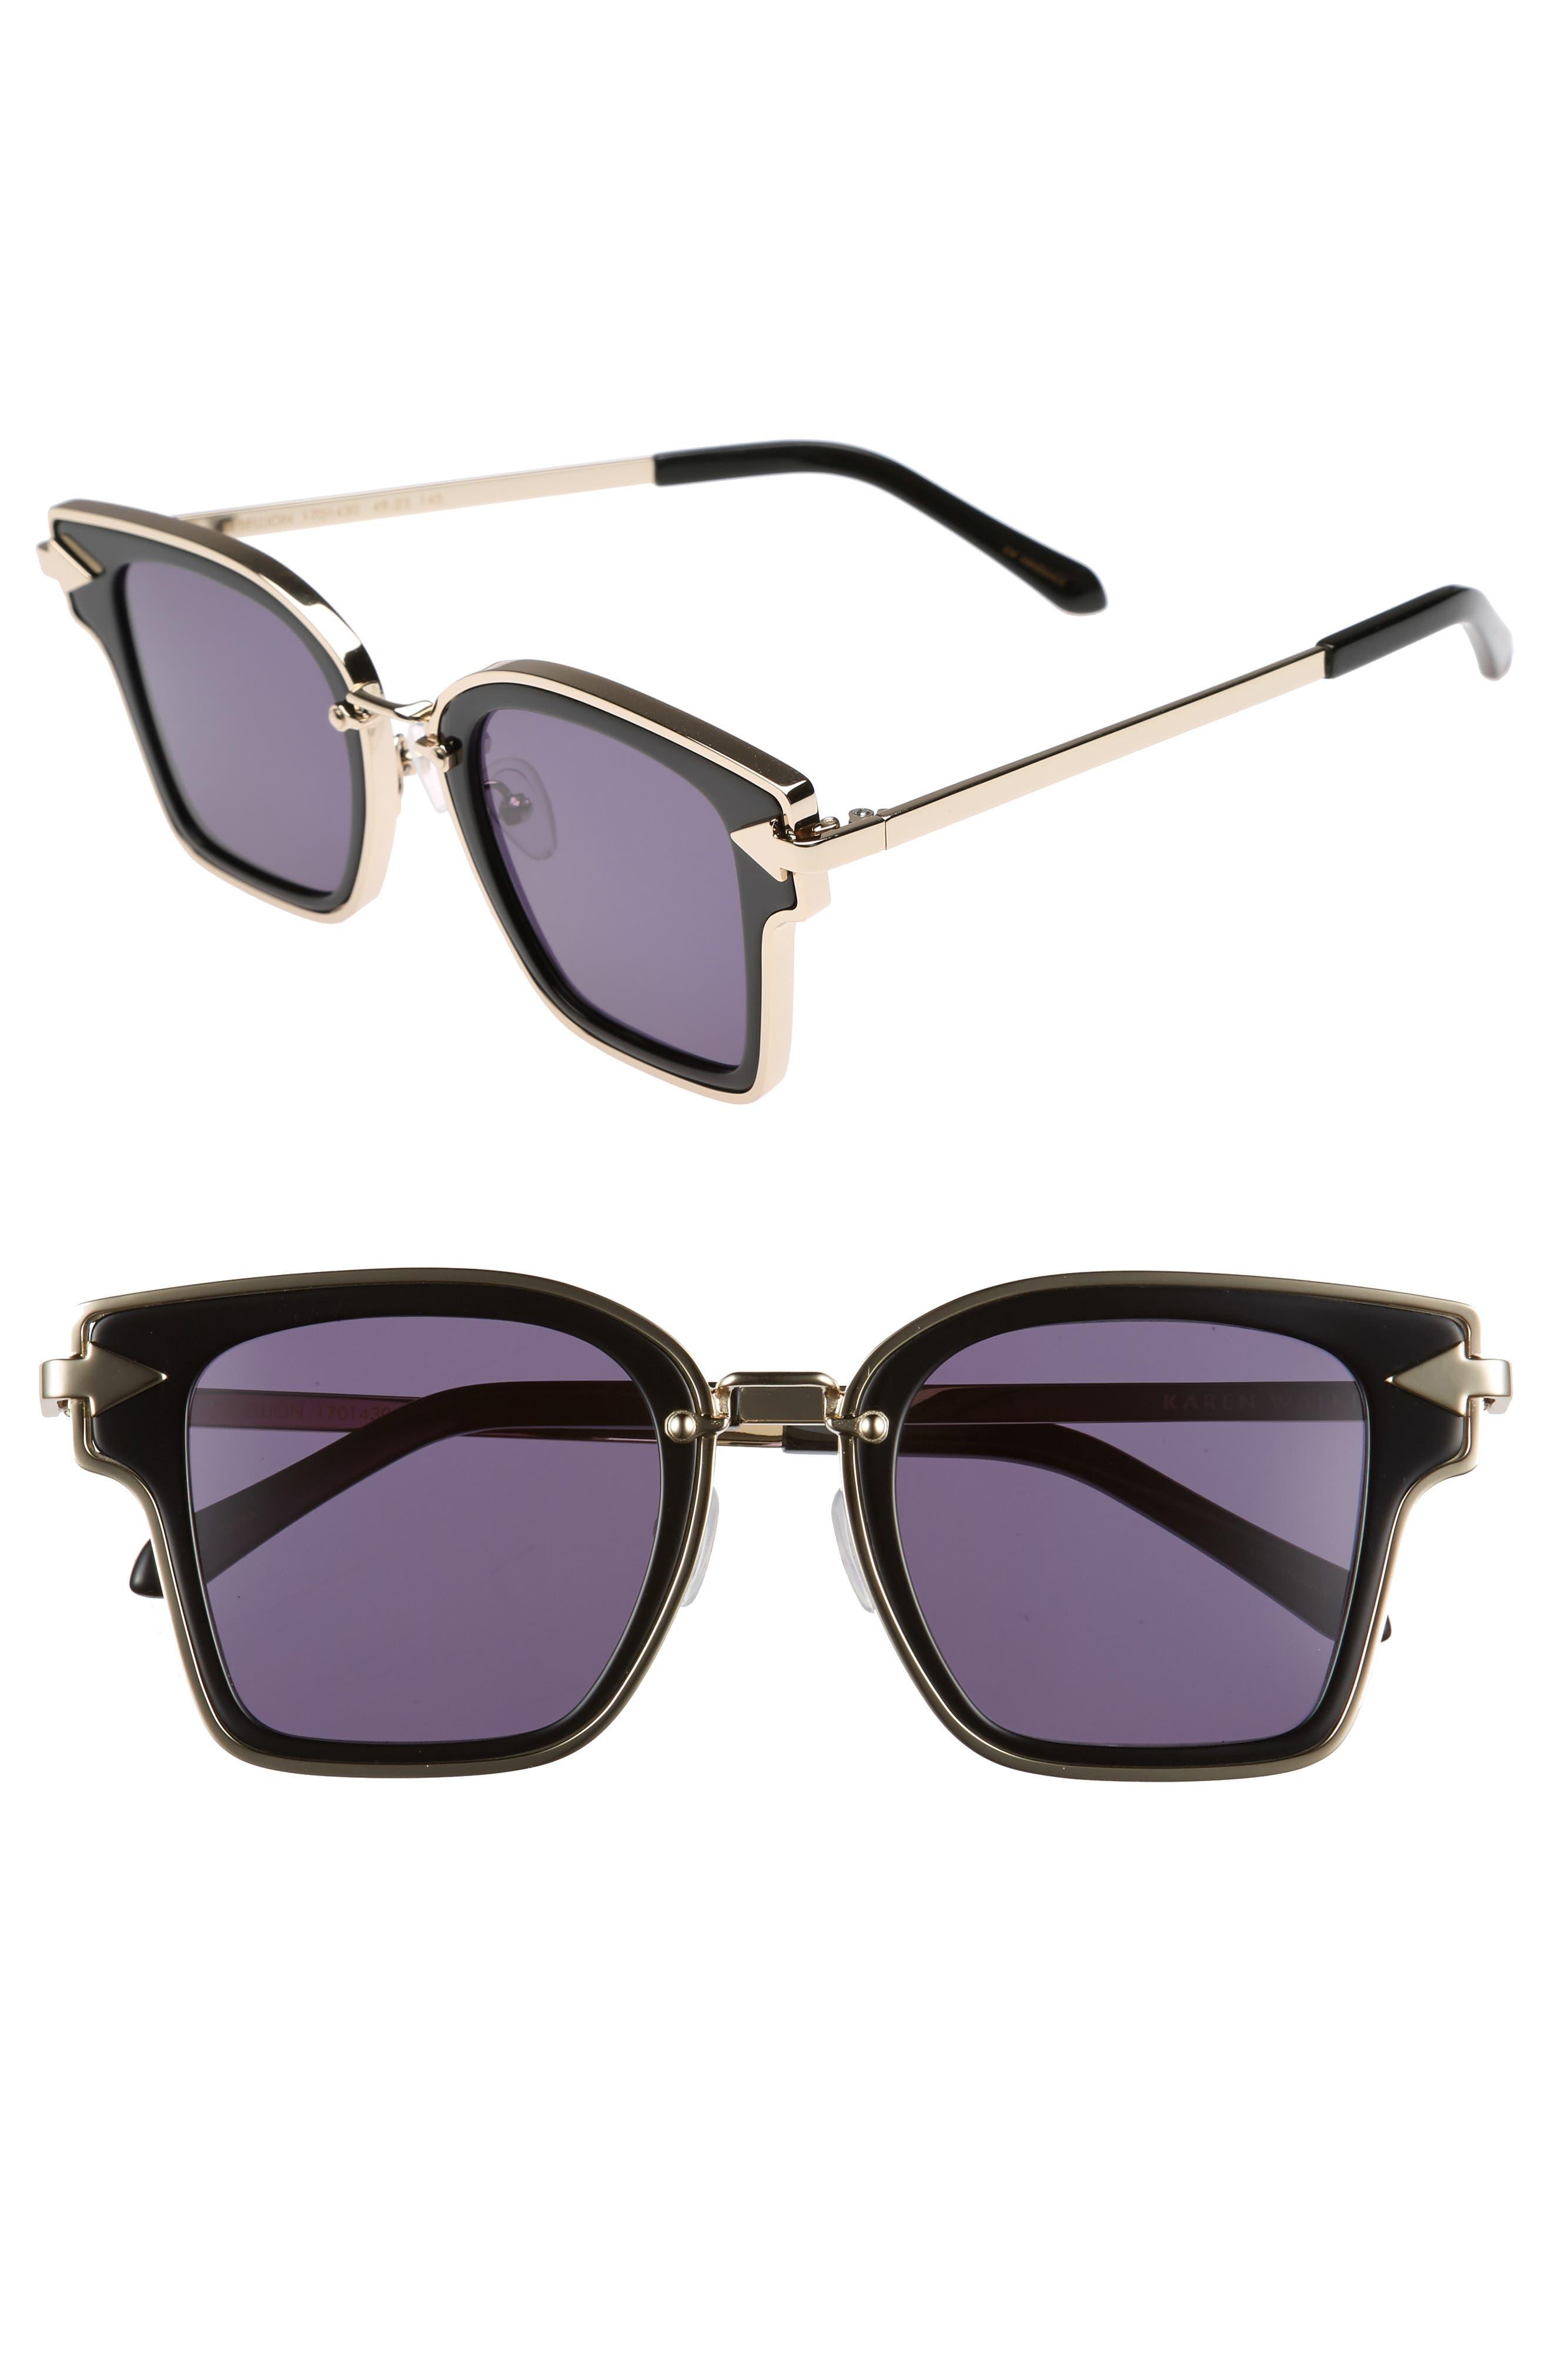 Alternate Image 1 Selected - Karen Walker Rebellion 49mm Sunglasses